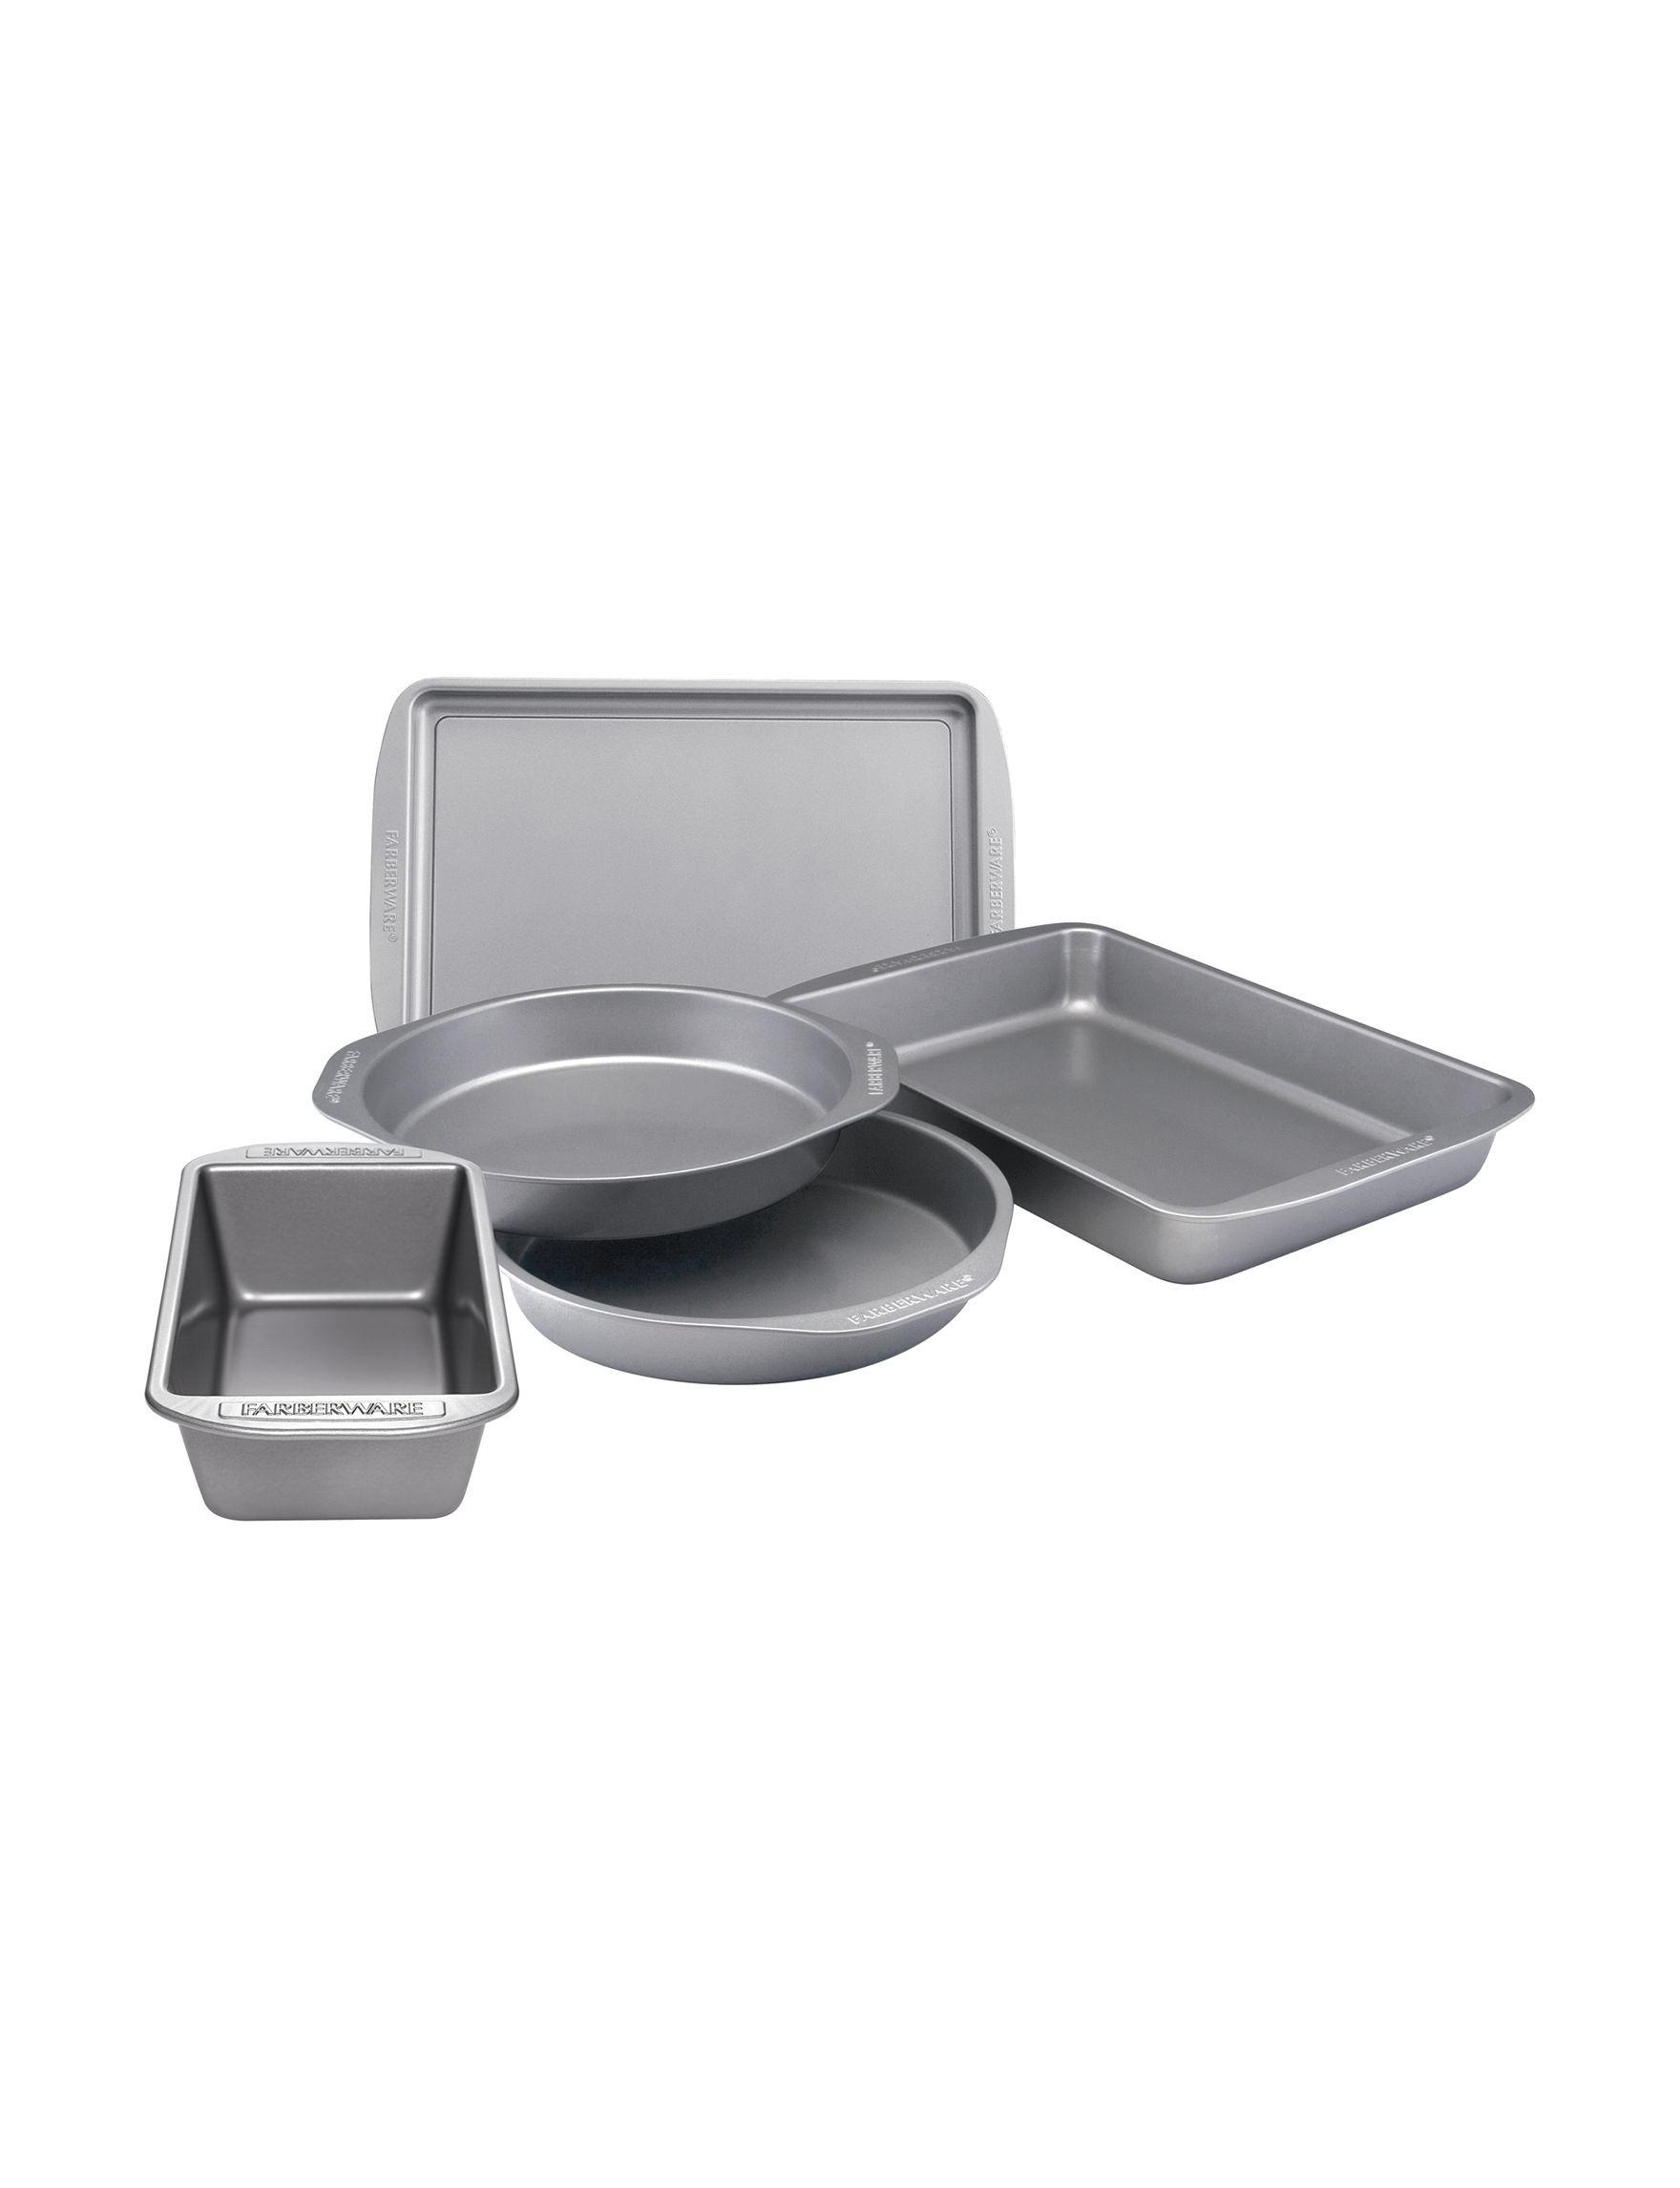 Farberware Grey Bakeware Sets Bakeware